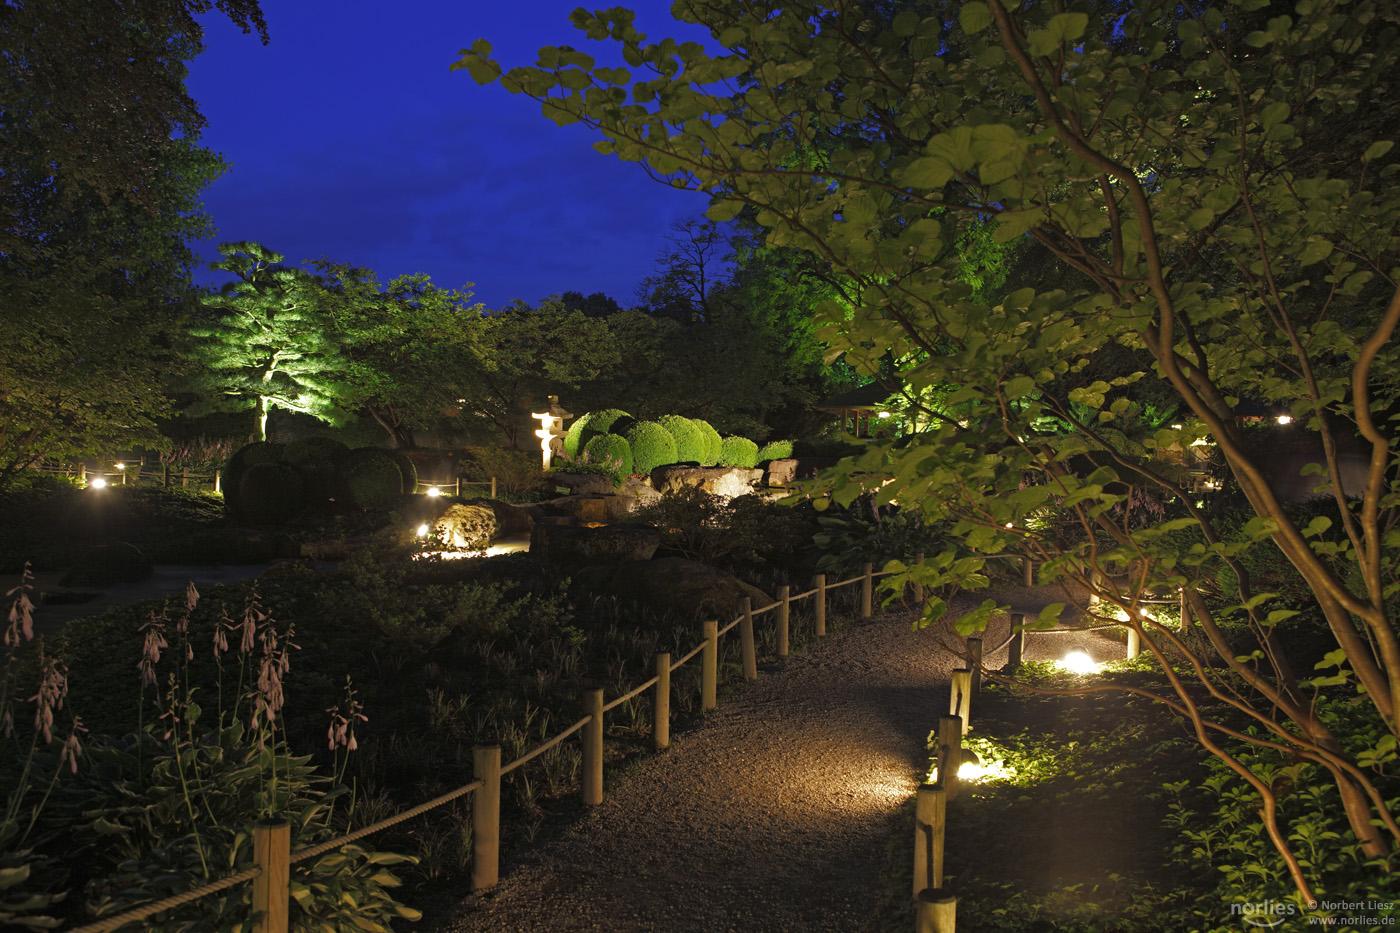 Botanischer Garten Augsburg Programm Neu Lange Nacht Der Natur Im Botanischen Garten – Nanu